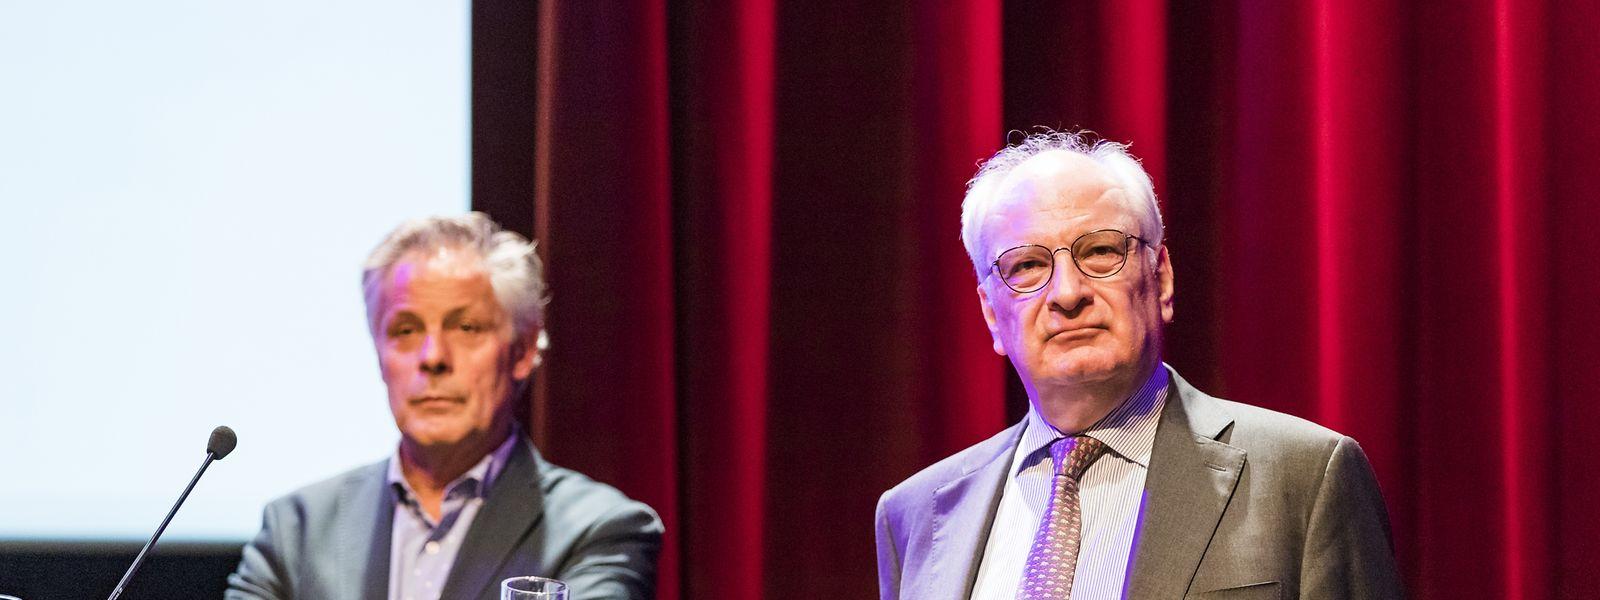 Viel Gegenwind brauchten Kulturstaatssekretär Guy Arendt und der Berater, Jo Kox, erst einmal nicht zu befürchten. Erst bei der Planumsetzung werden wohl die Frontlinien klarer.